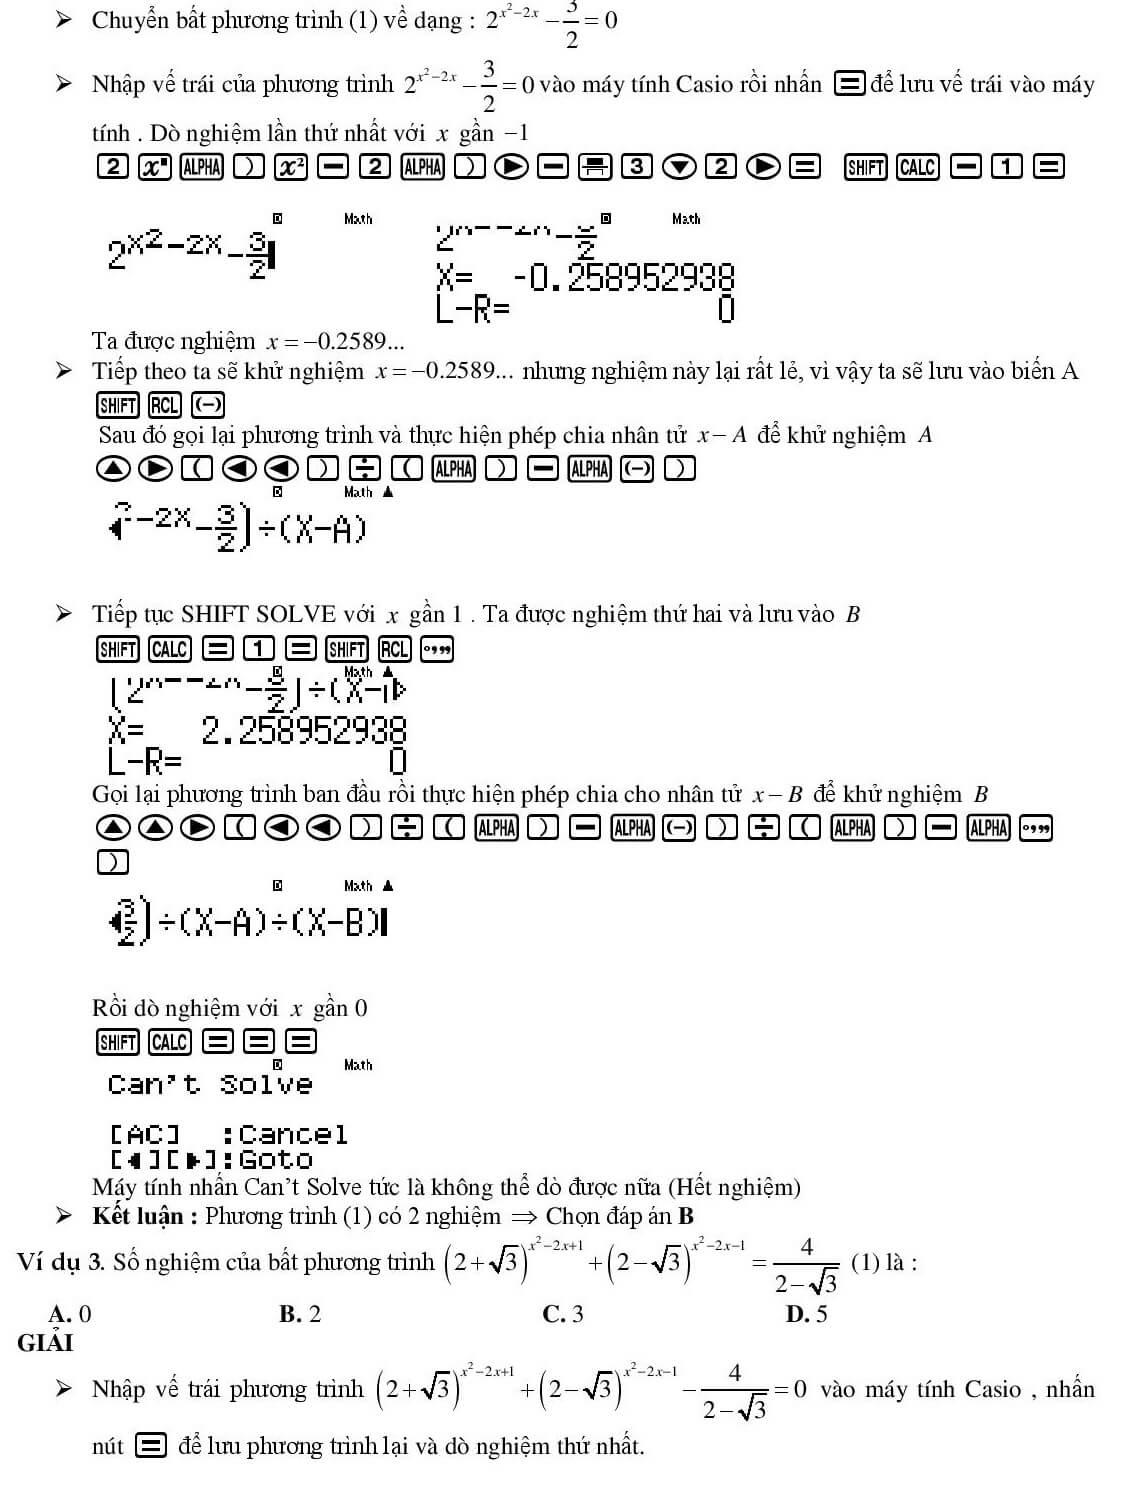 giải nhanh hàm số mũ và logarit bằng máy tính casio (3).jpg